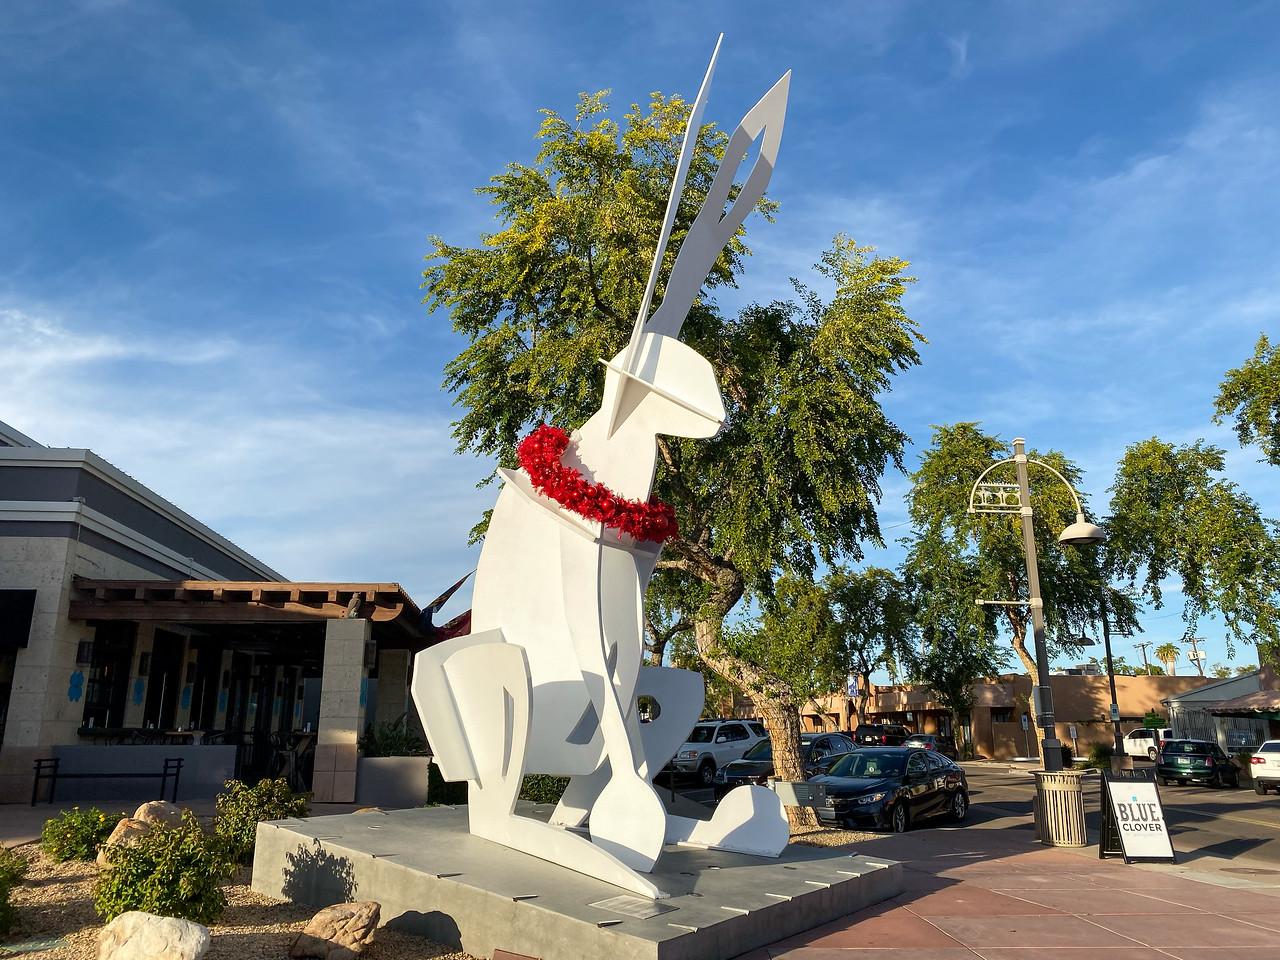 Public art in Old Town Scottsdale